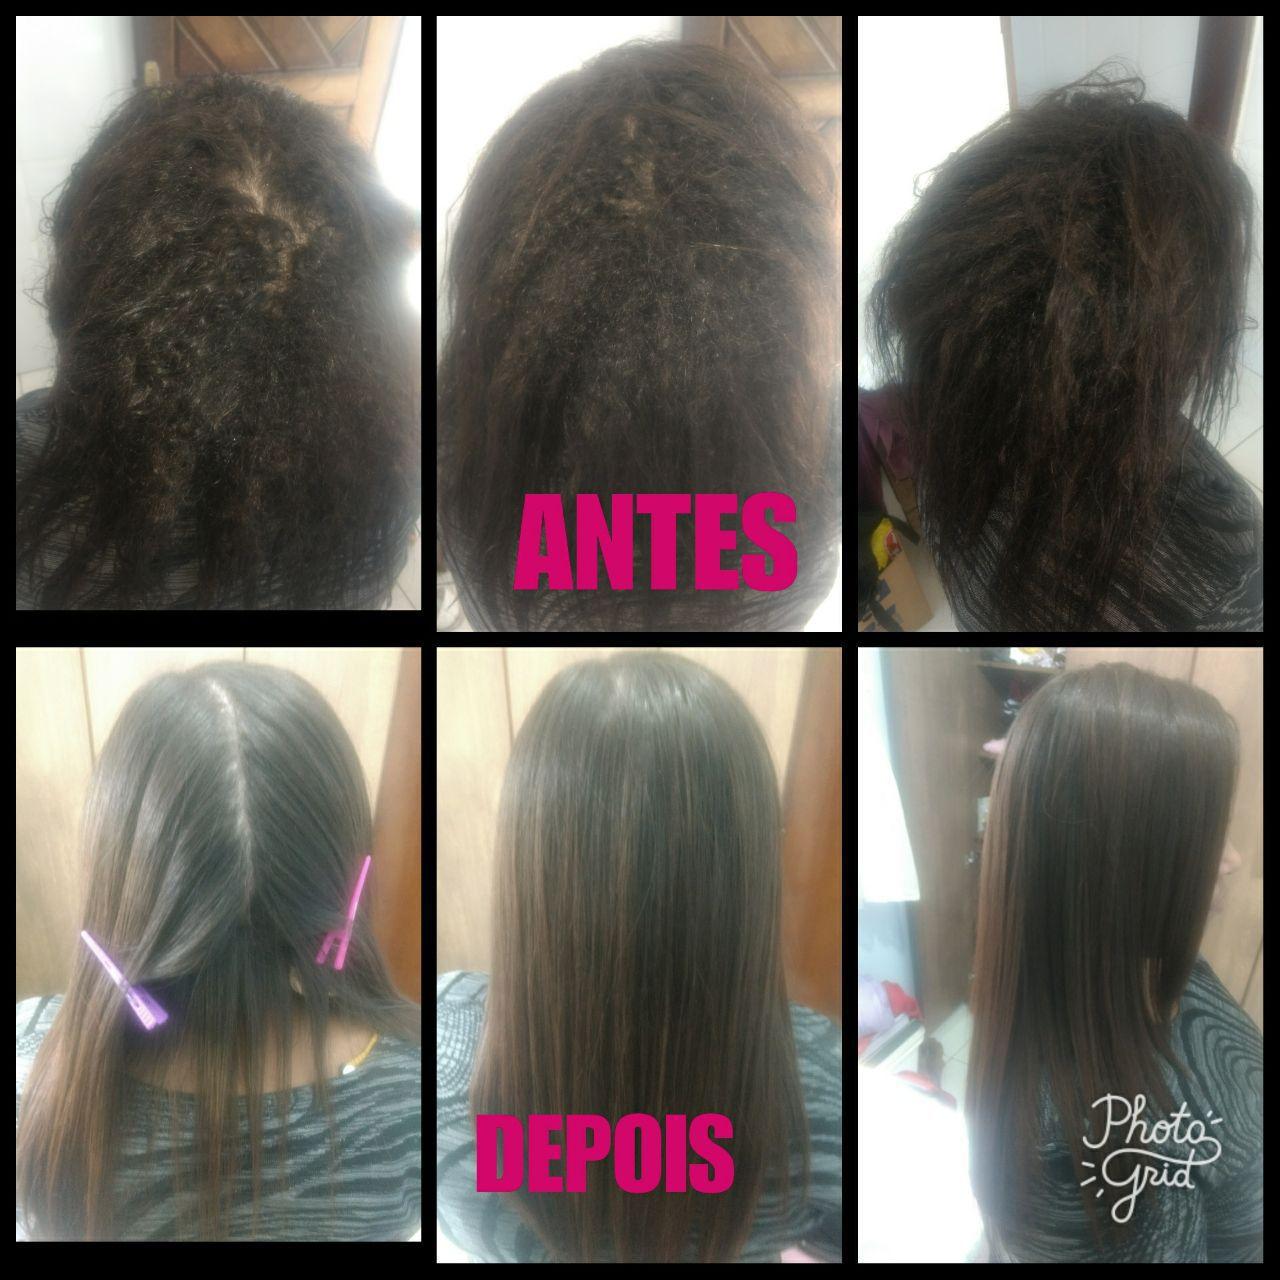 Mechas e tratamento  químico de alisamento ( progressiva). cabelo auxiliar cabeleireiro(a) cabeleireiro(a) recepcionista